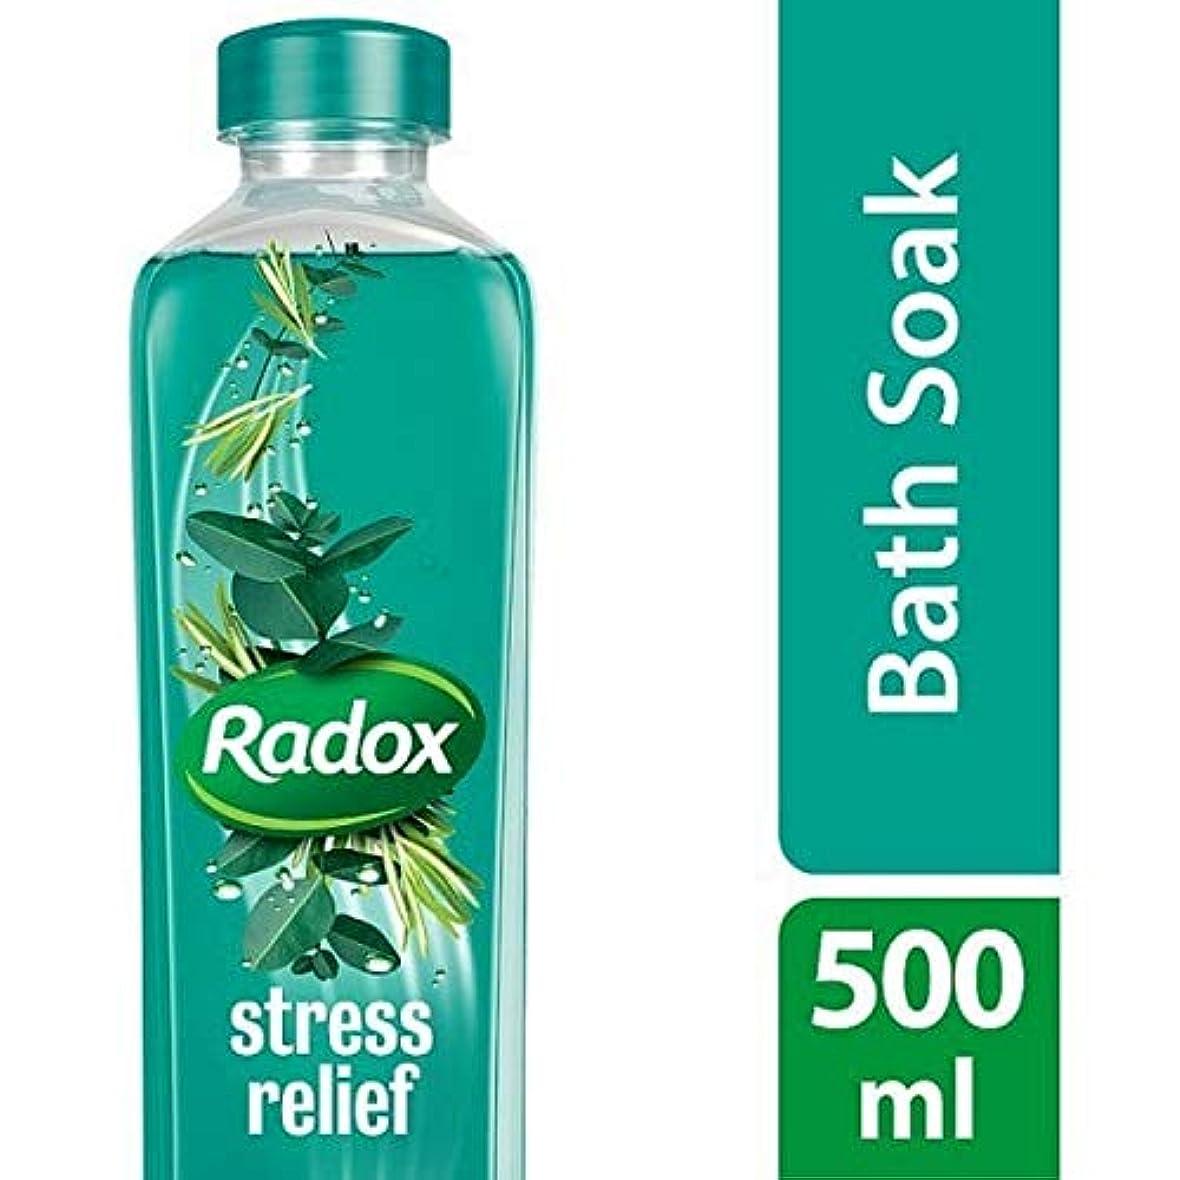 予定宣伝伝染病[Radox] Radoxは、500ミリリットルのソーク良い香りストレスリリーフ風呂を感じます - Radox Feel Good Fragrance Stress Relief Bath Soak 500ml [並行輸入品]